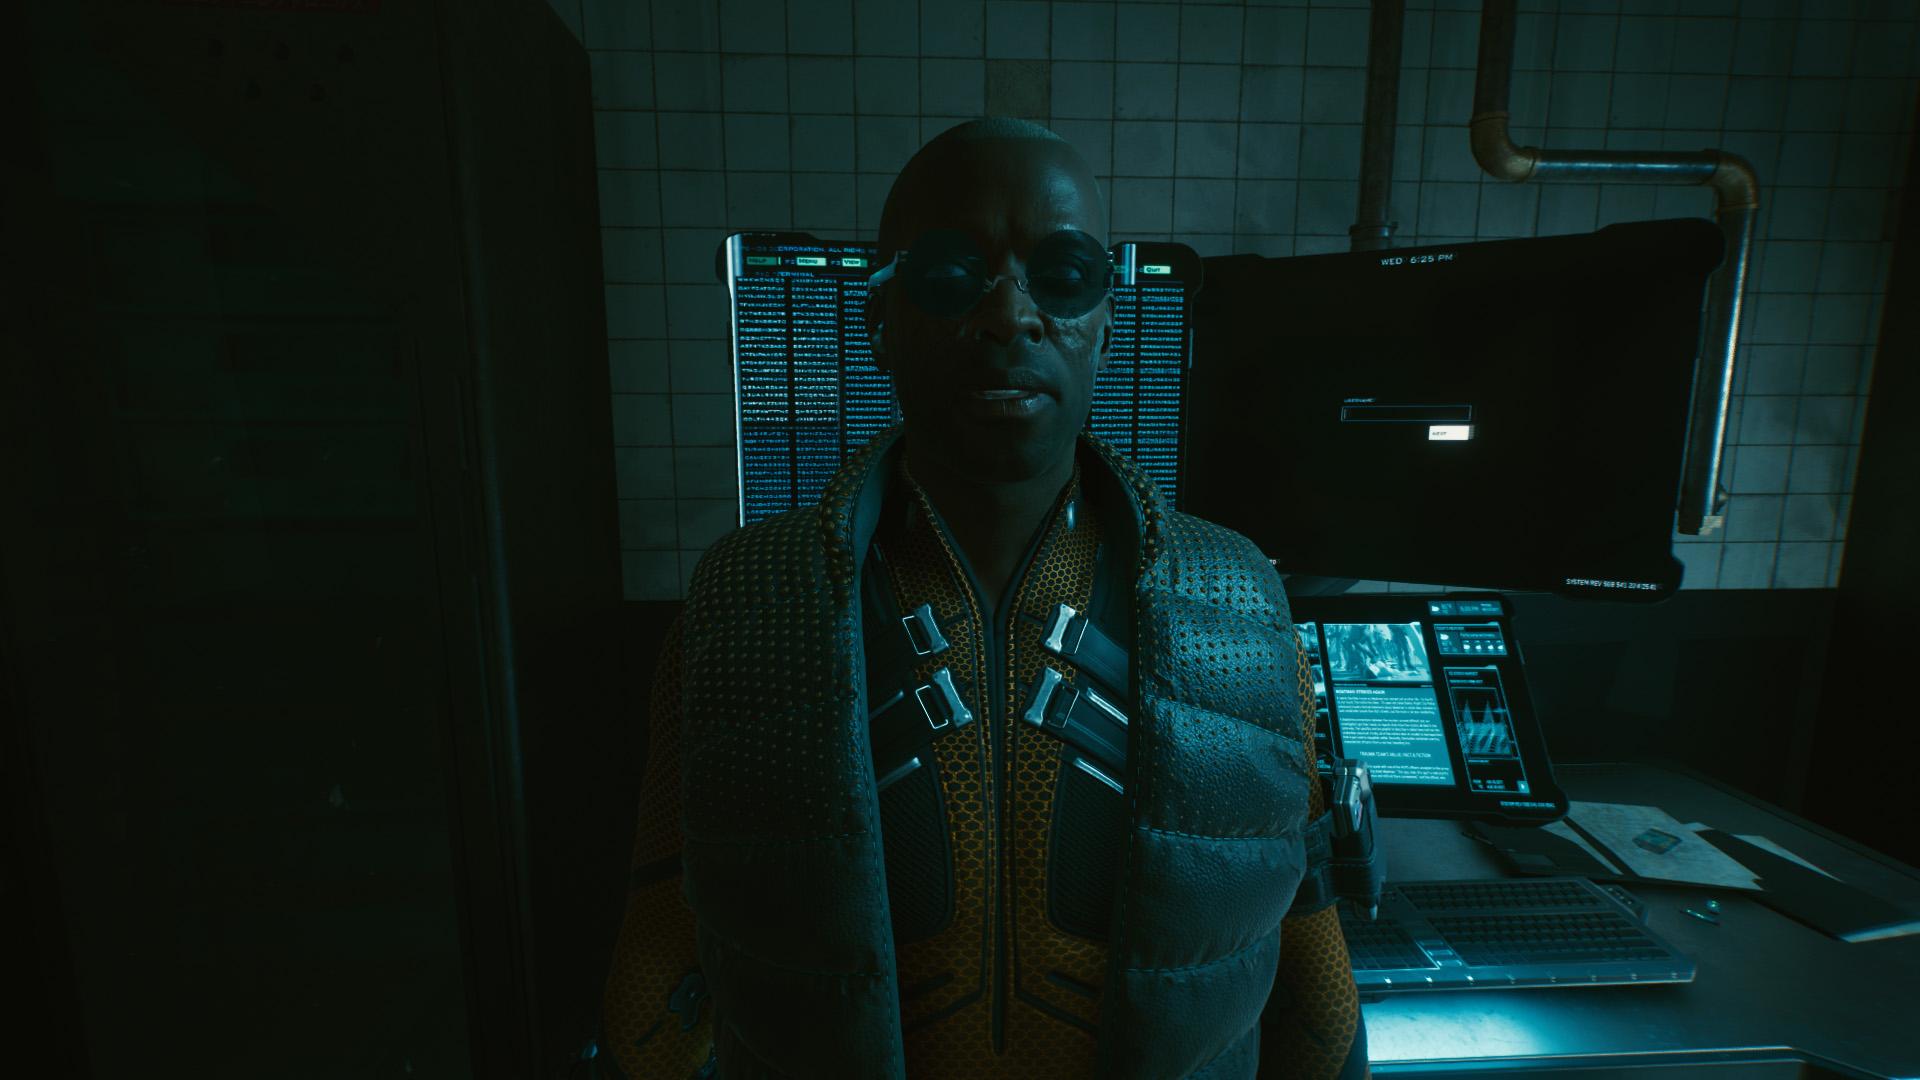 Cyberpunk 2077 Spellbound computer password